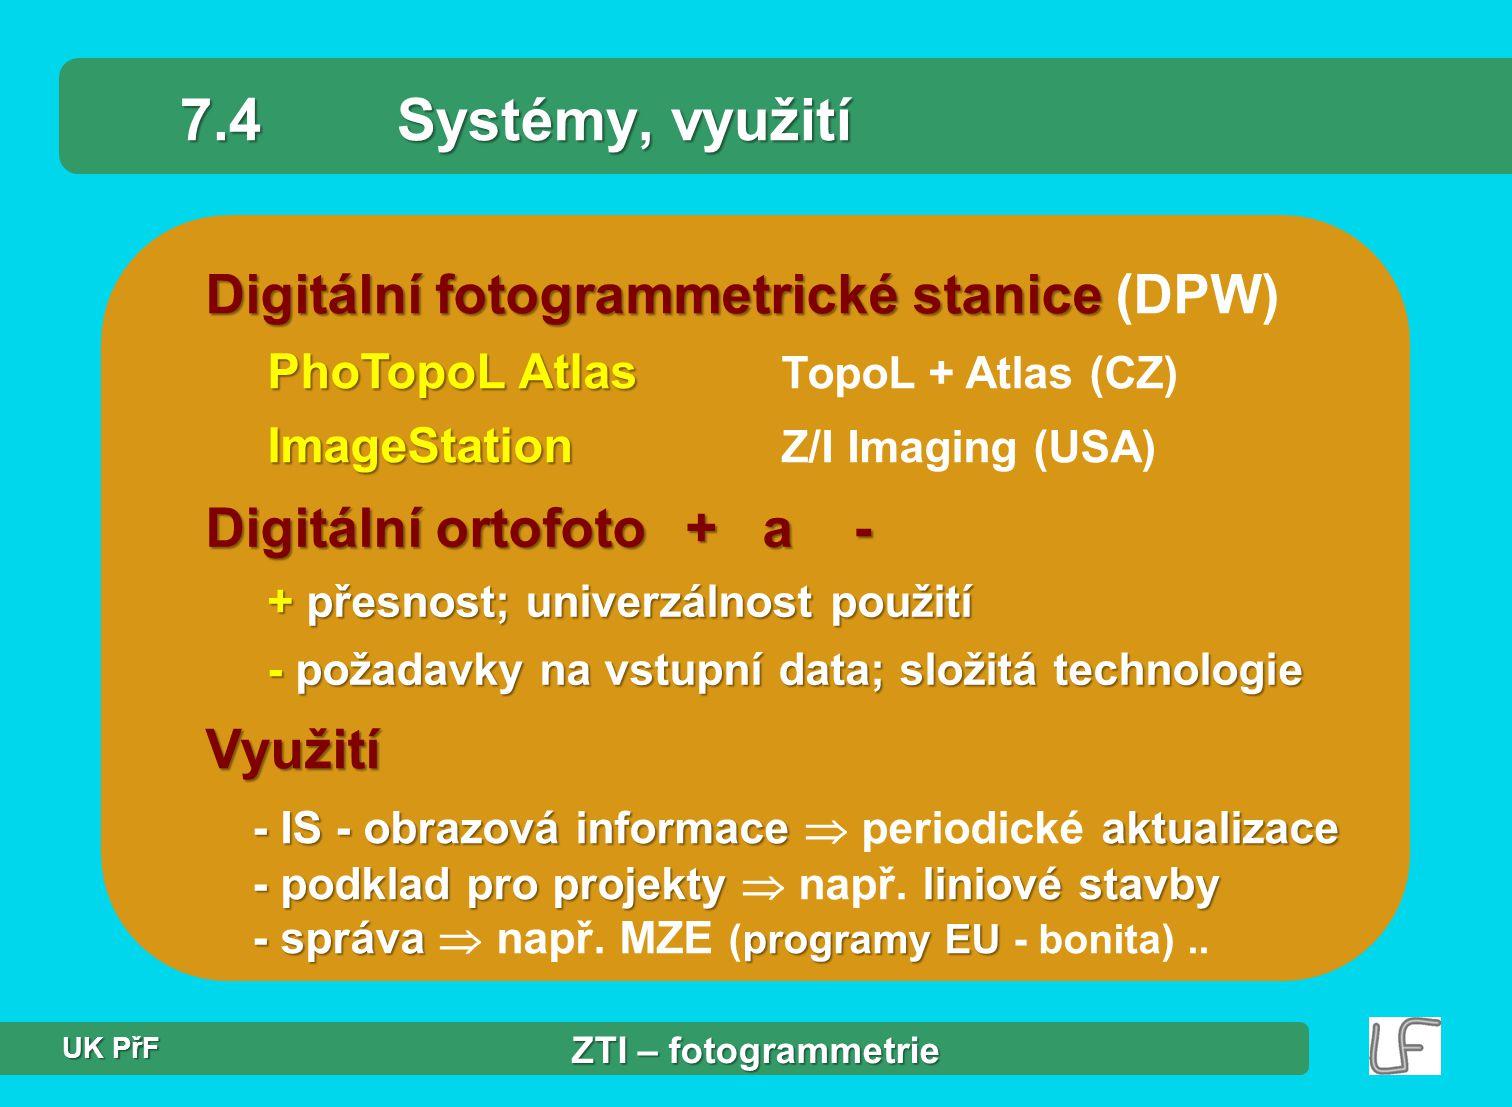 Digitální fotogrammetrické stanice Digitální fotogrammetrické stanice (DPW) PhoTopoL Atlas PhoTopoL Atlas TopoL + Atlas (CZ) ImageStation ImageStation Z/I Imaging (USA) 7.4Systémy, využití Digitální ortofoto + a - + přesnost; univerzálnost použití - požadavky na vstupní data; složitá technologie Využití - IS - obrazová informace aktualizace - podklad pro projekty liniové stavby - správa programy EU - IS - obrazová informace  periodické aktualizace - podklad pro projekty  např.